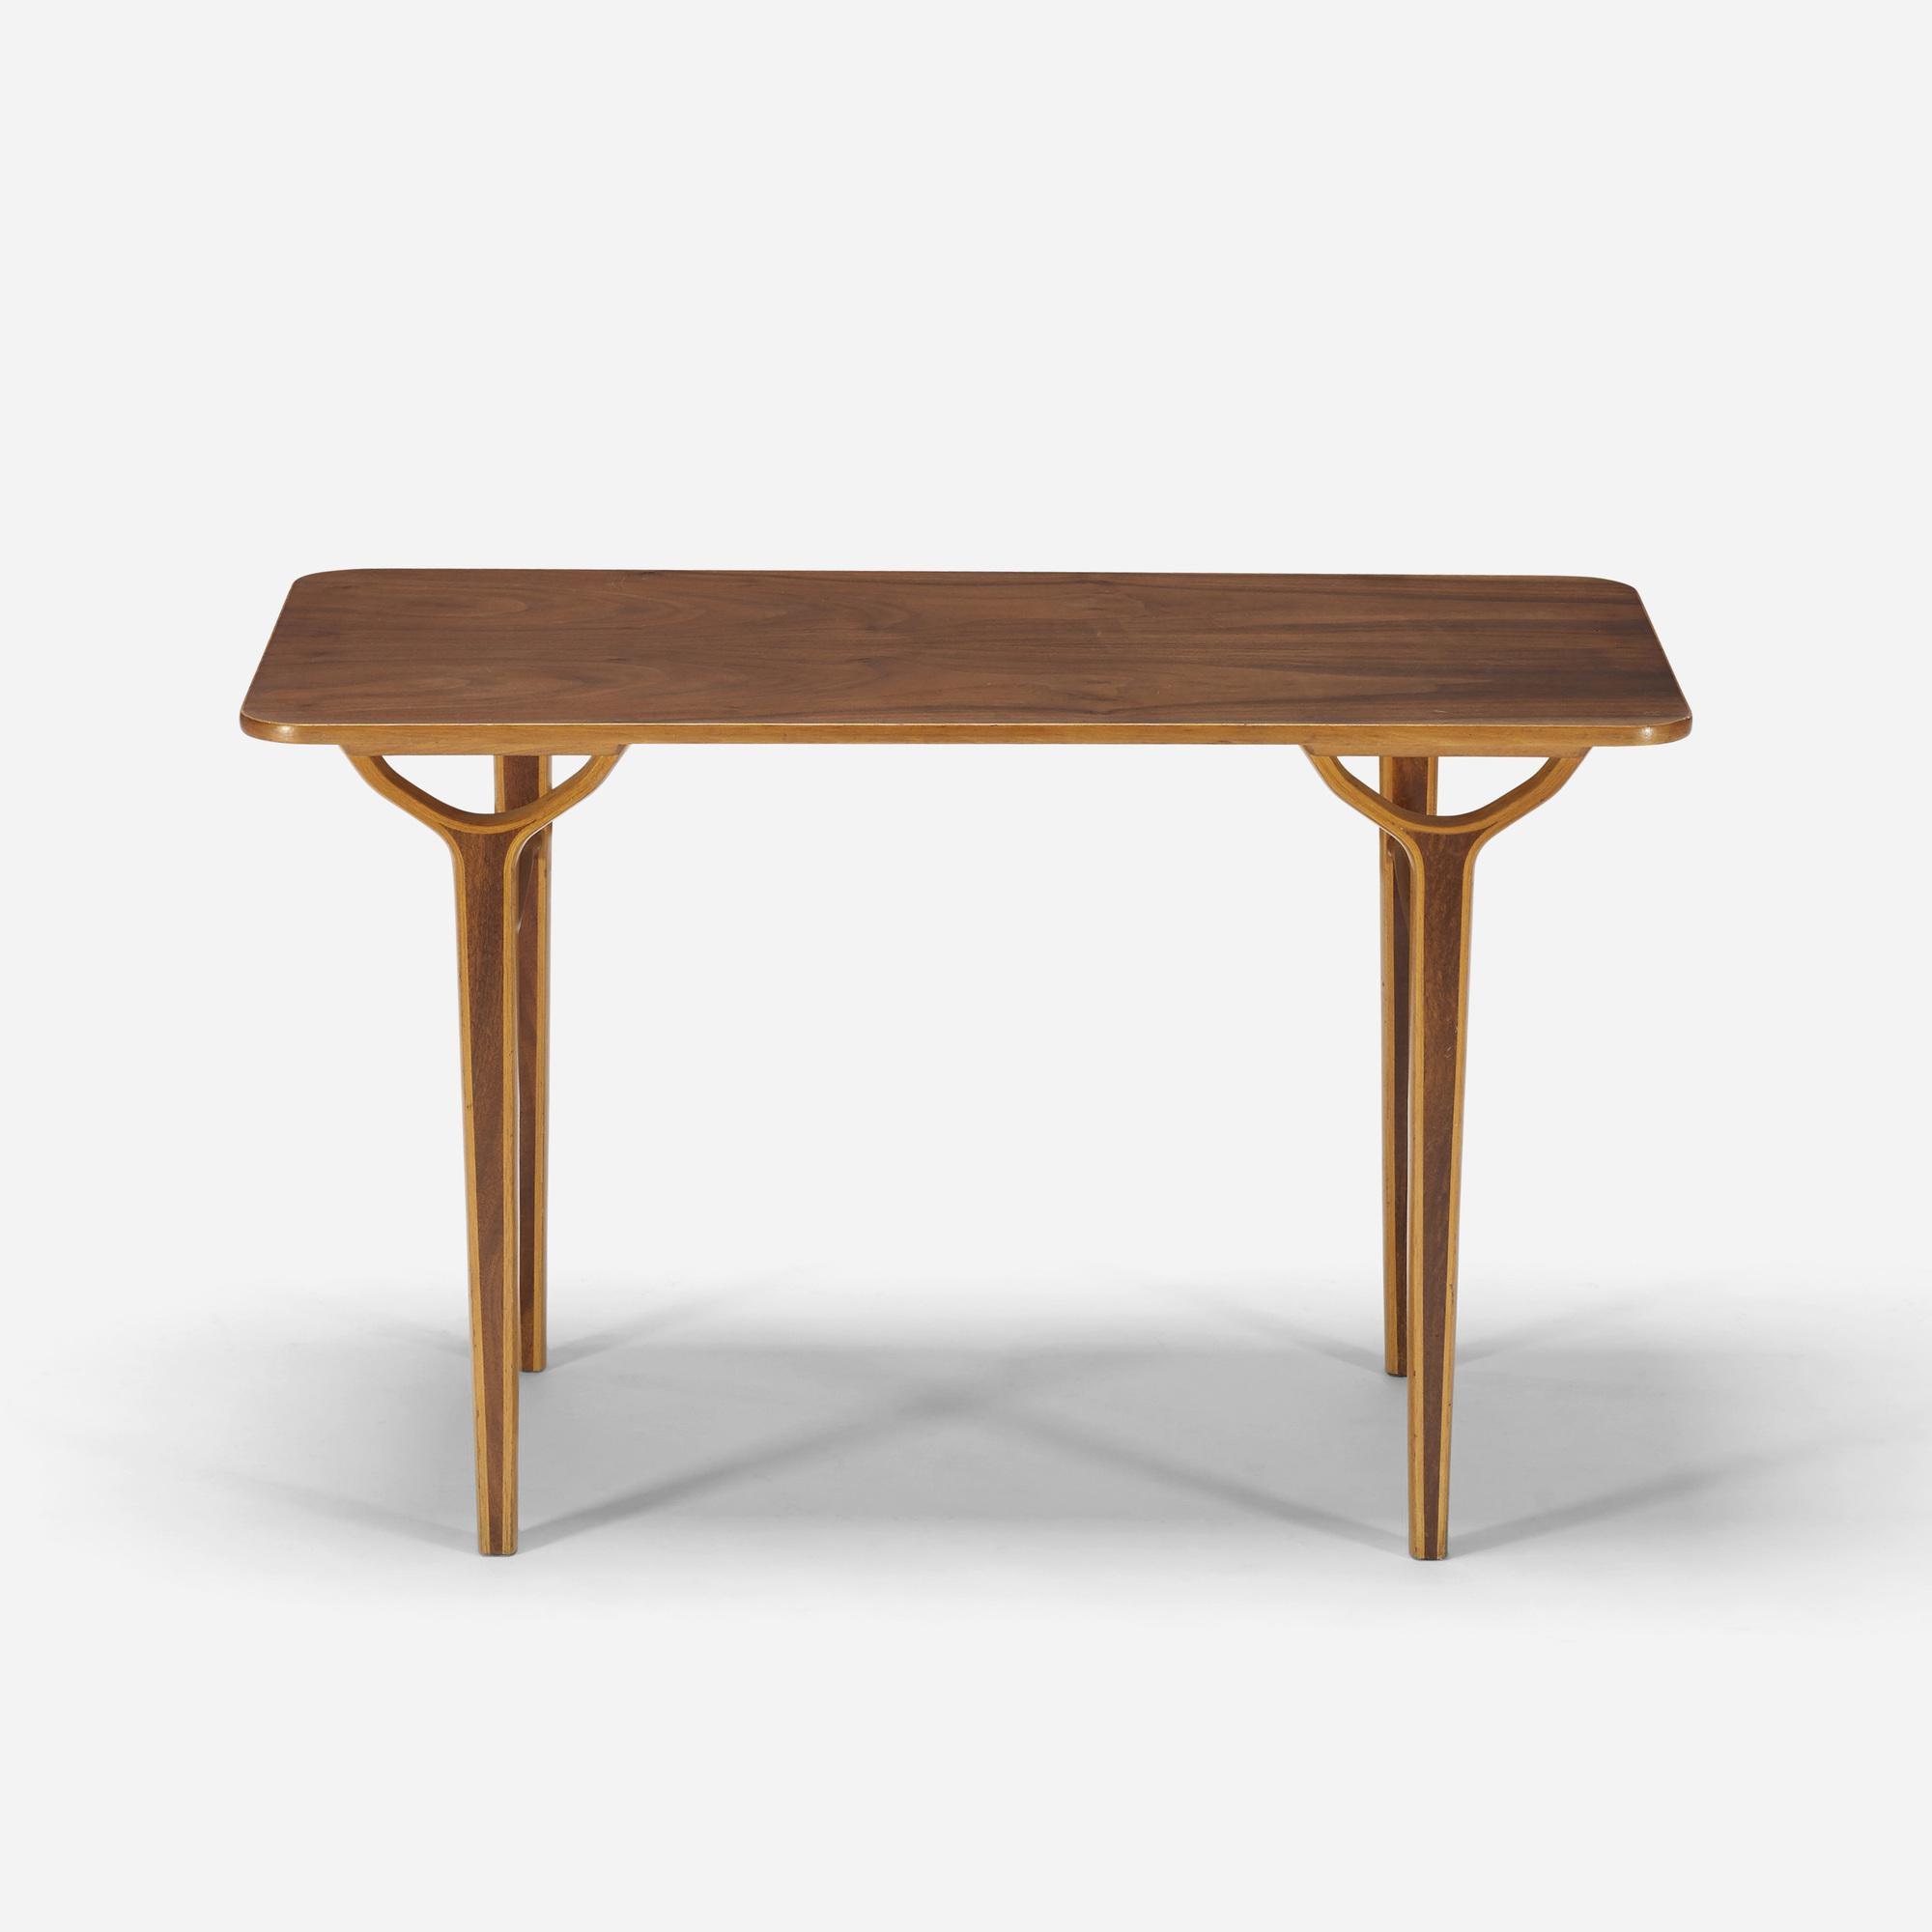 191 Peter Hvidt and Orla M¸lgaard Nielsen Ax coffee table